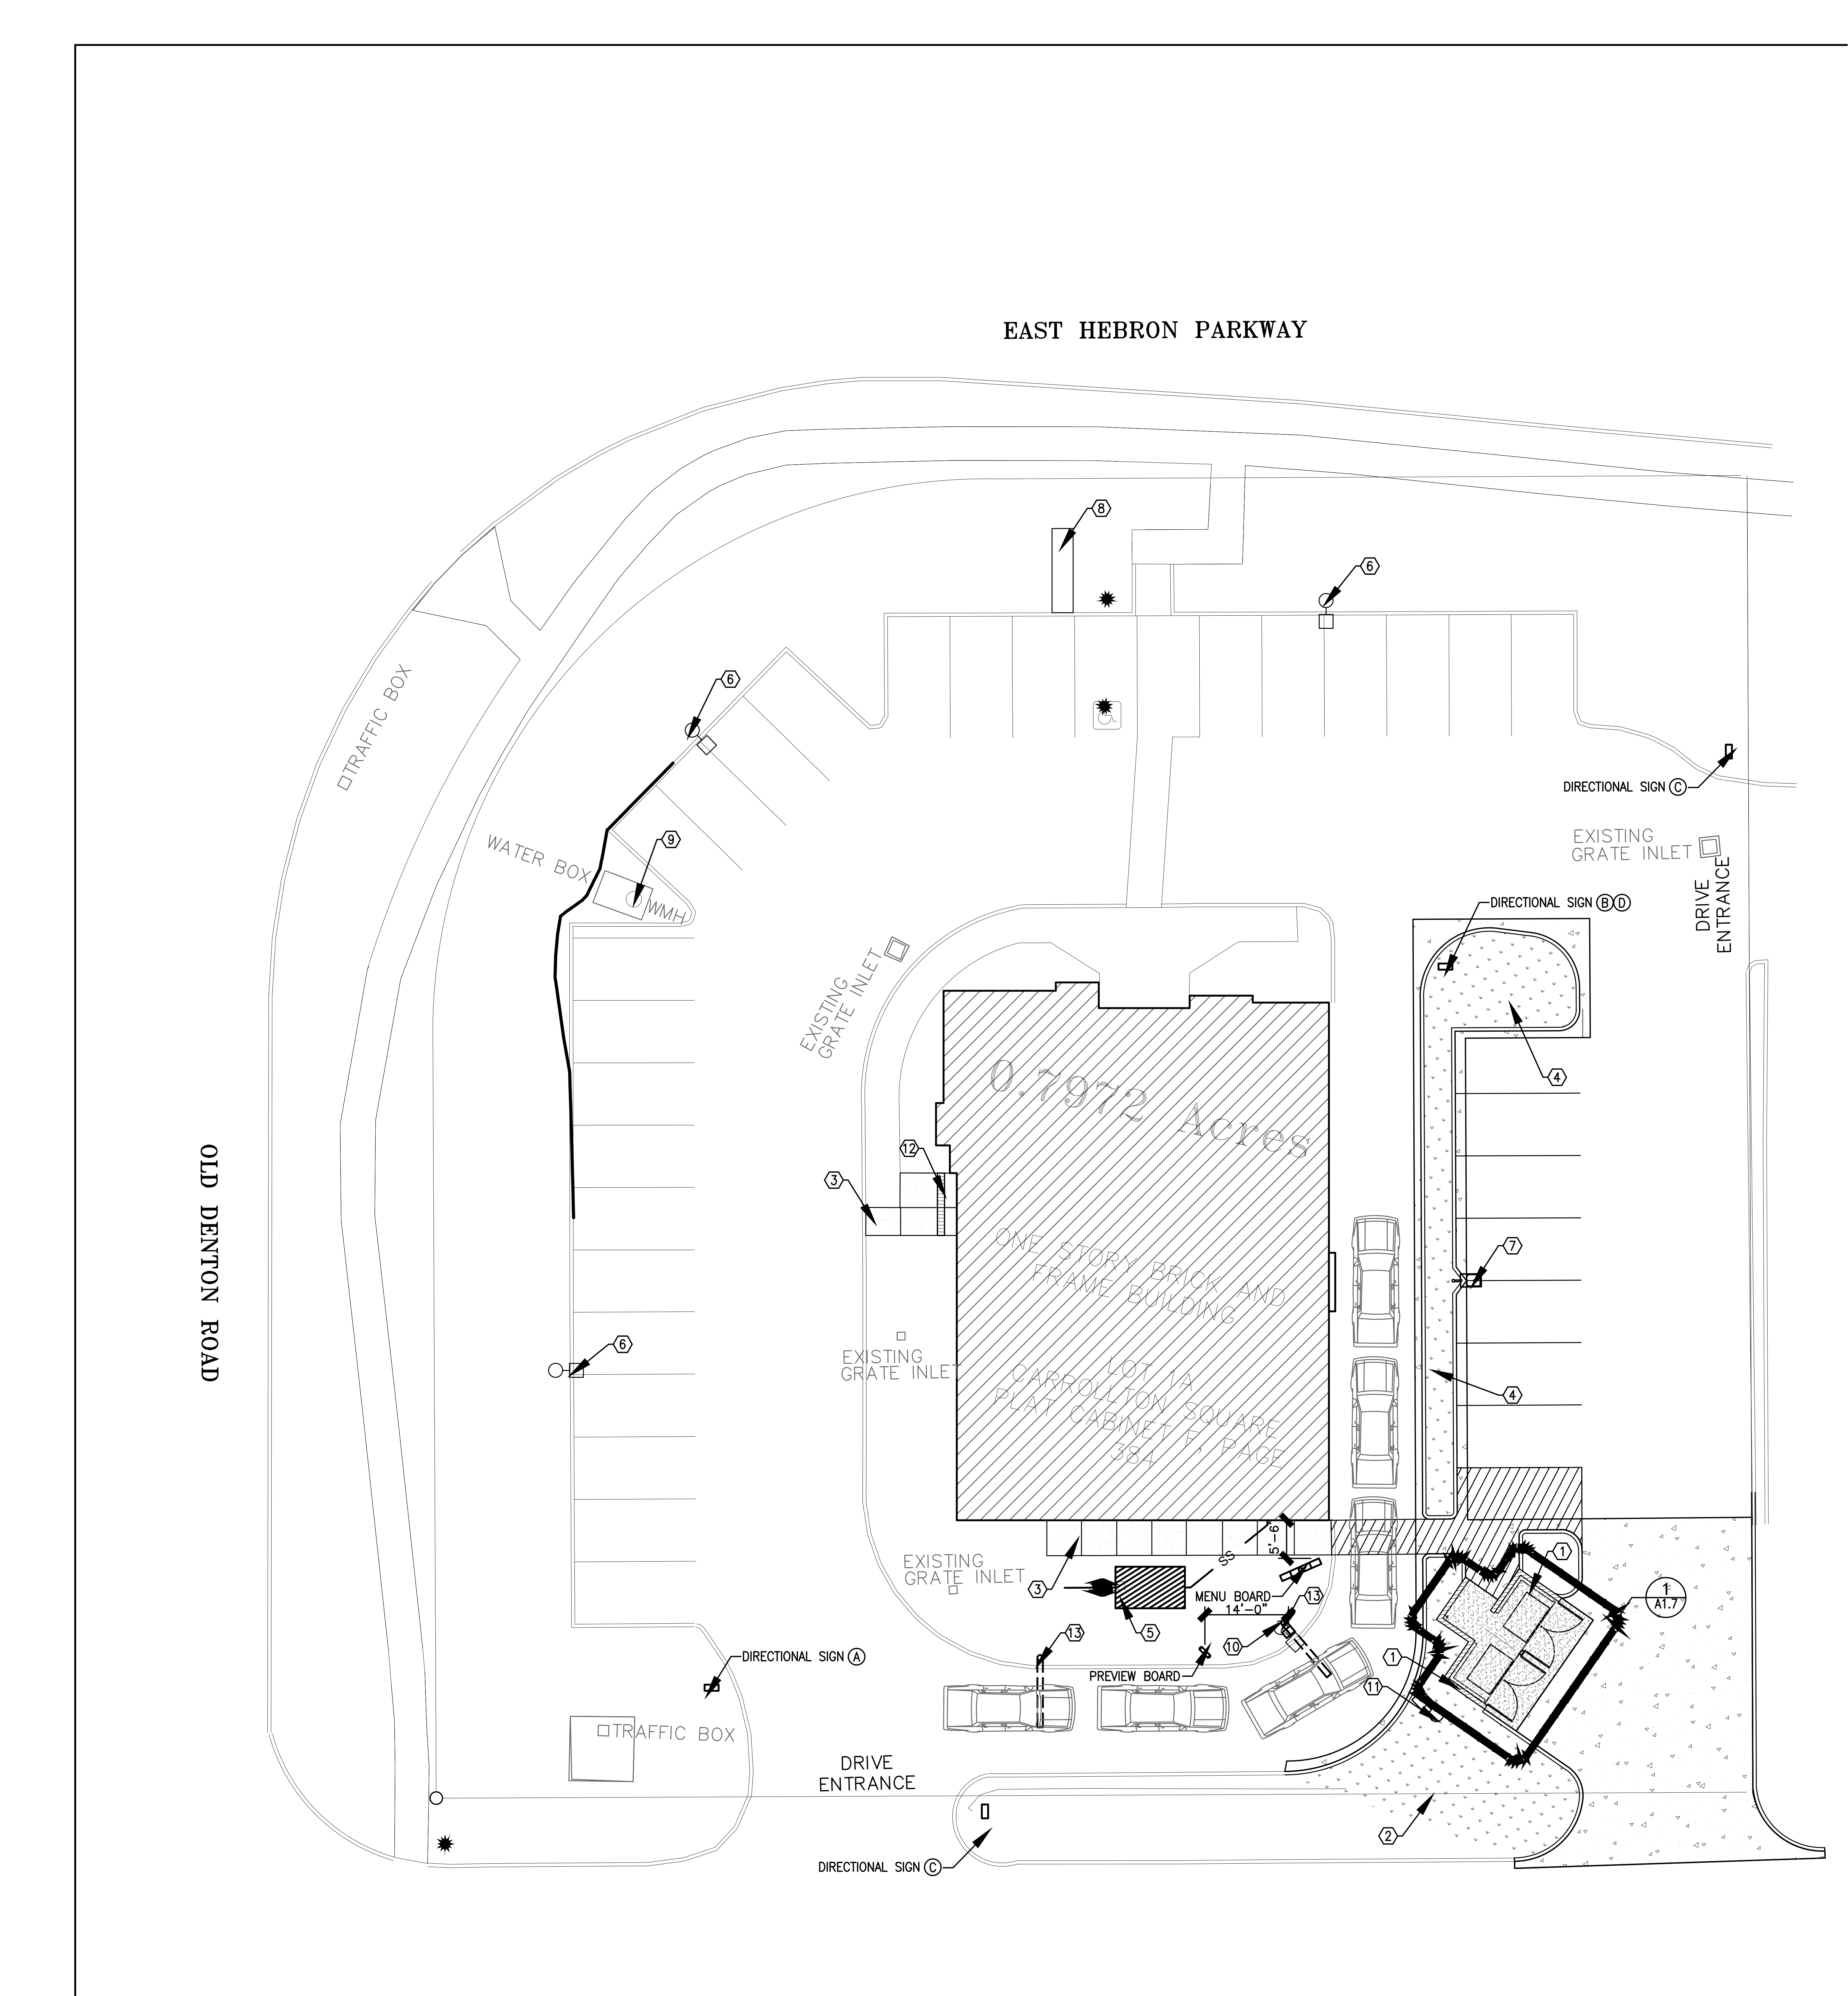 1000 E Hebron Pkwy: site plan